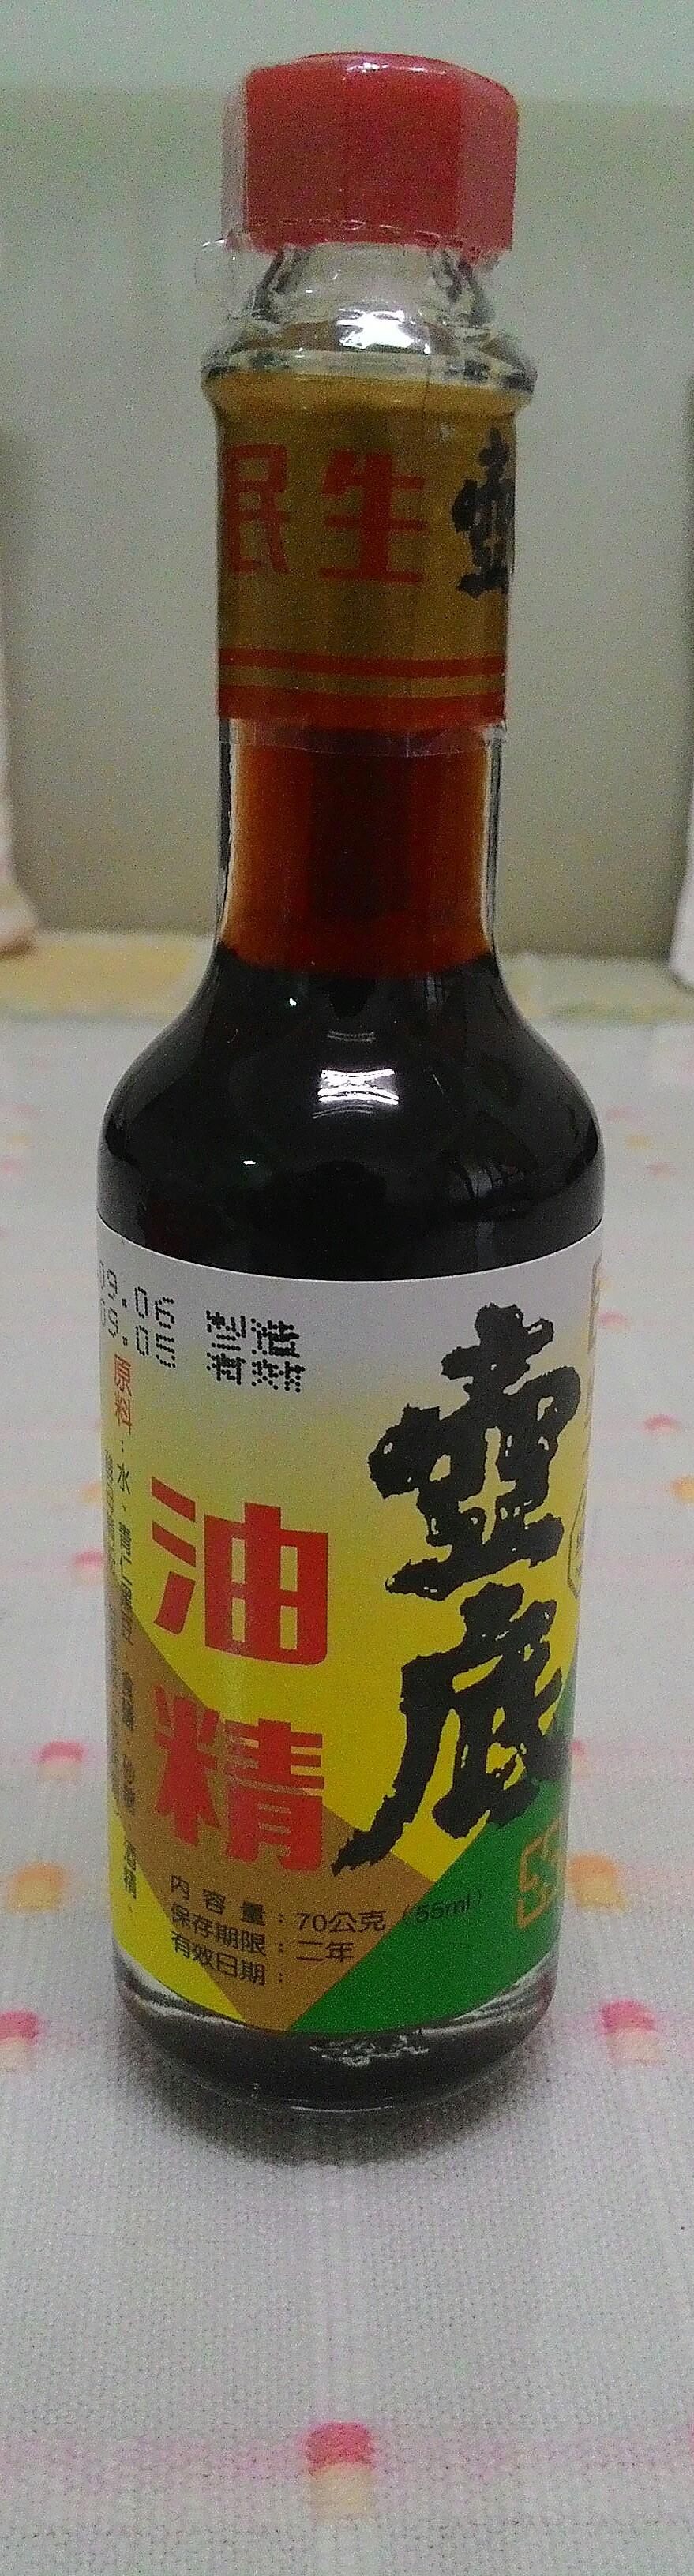 壺底精油一瓶才70克。